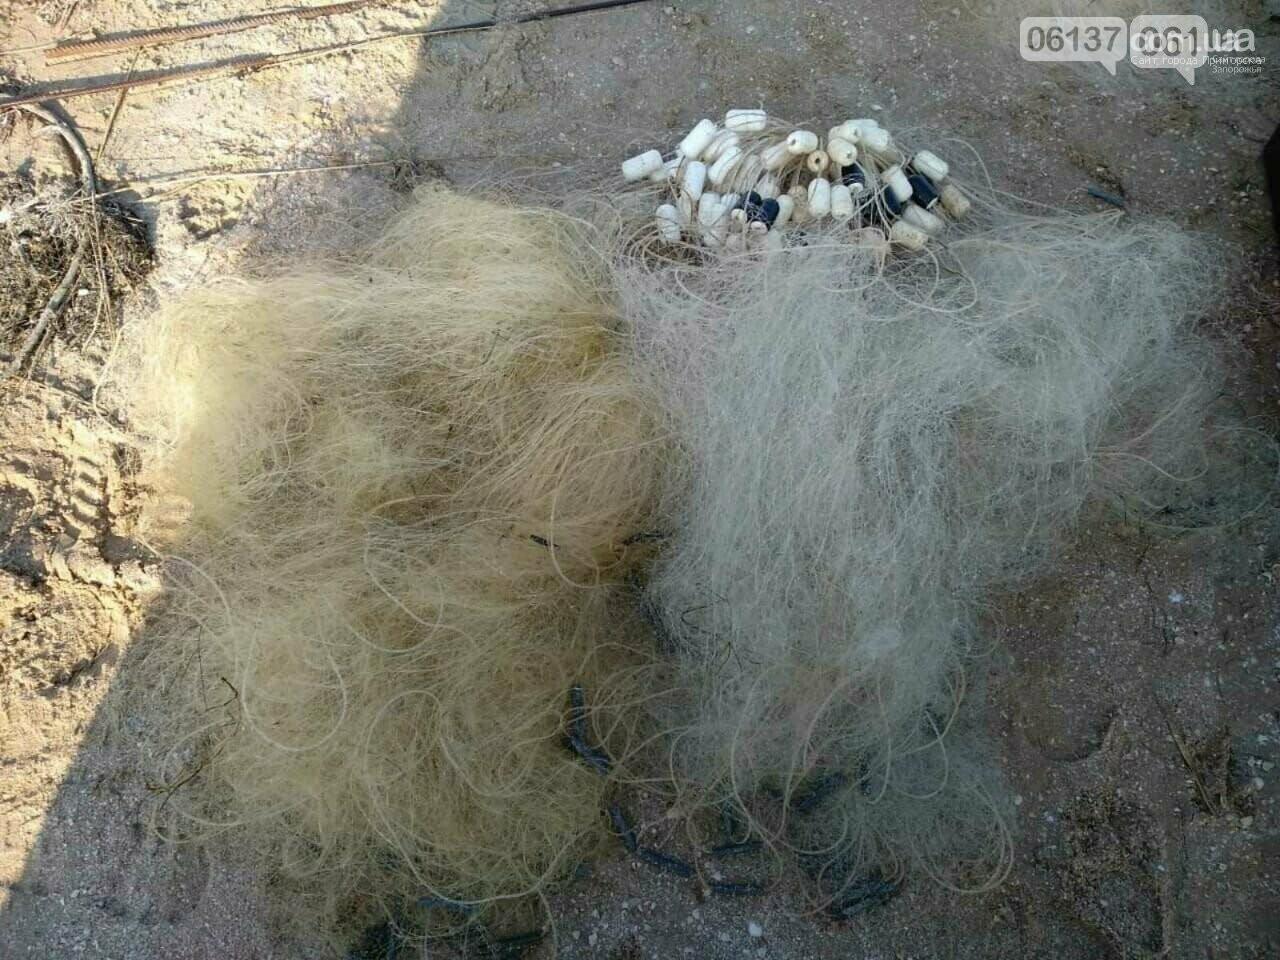 Гибель азовской хамсы на Молочном лимане, фото-7